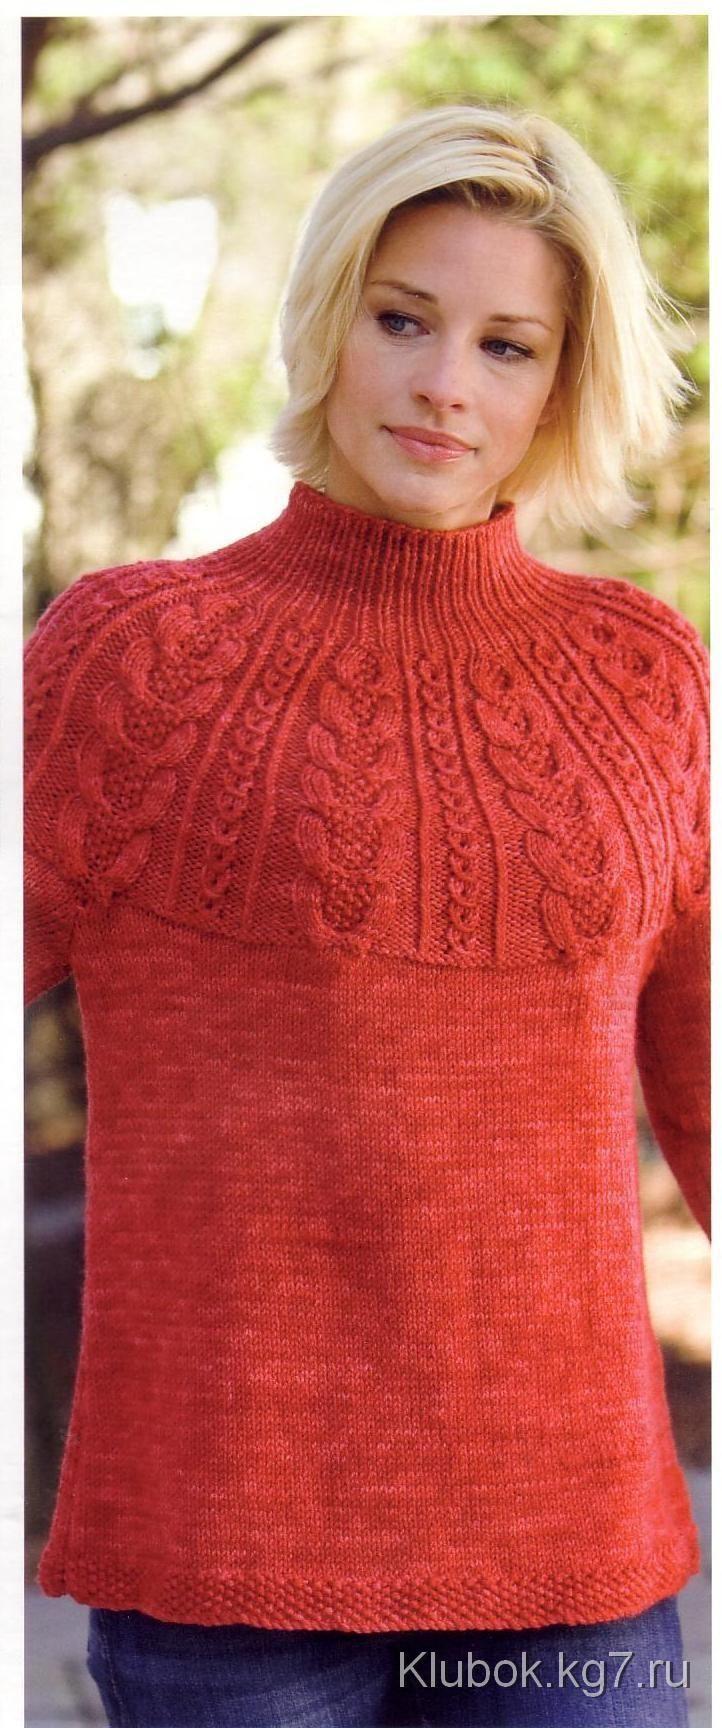 Вязаные свитера спицами женские схемы, описание и видео 66